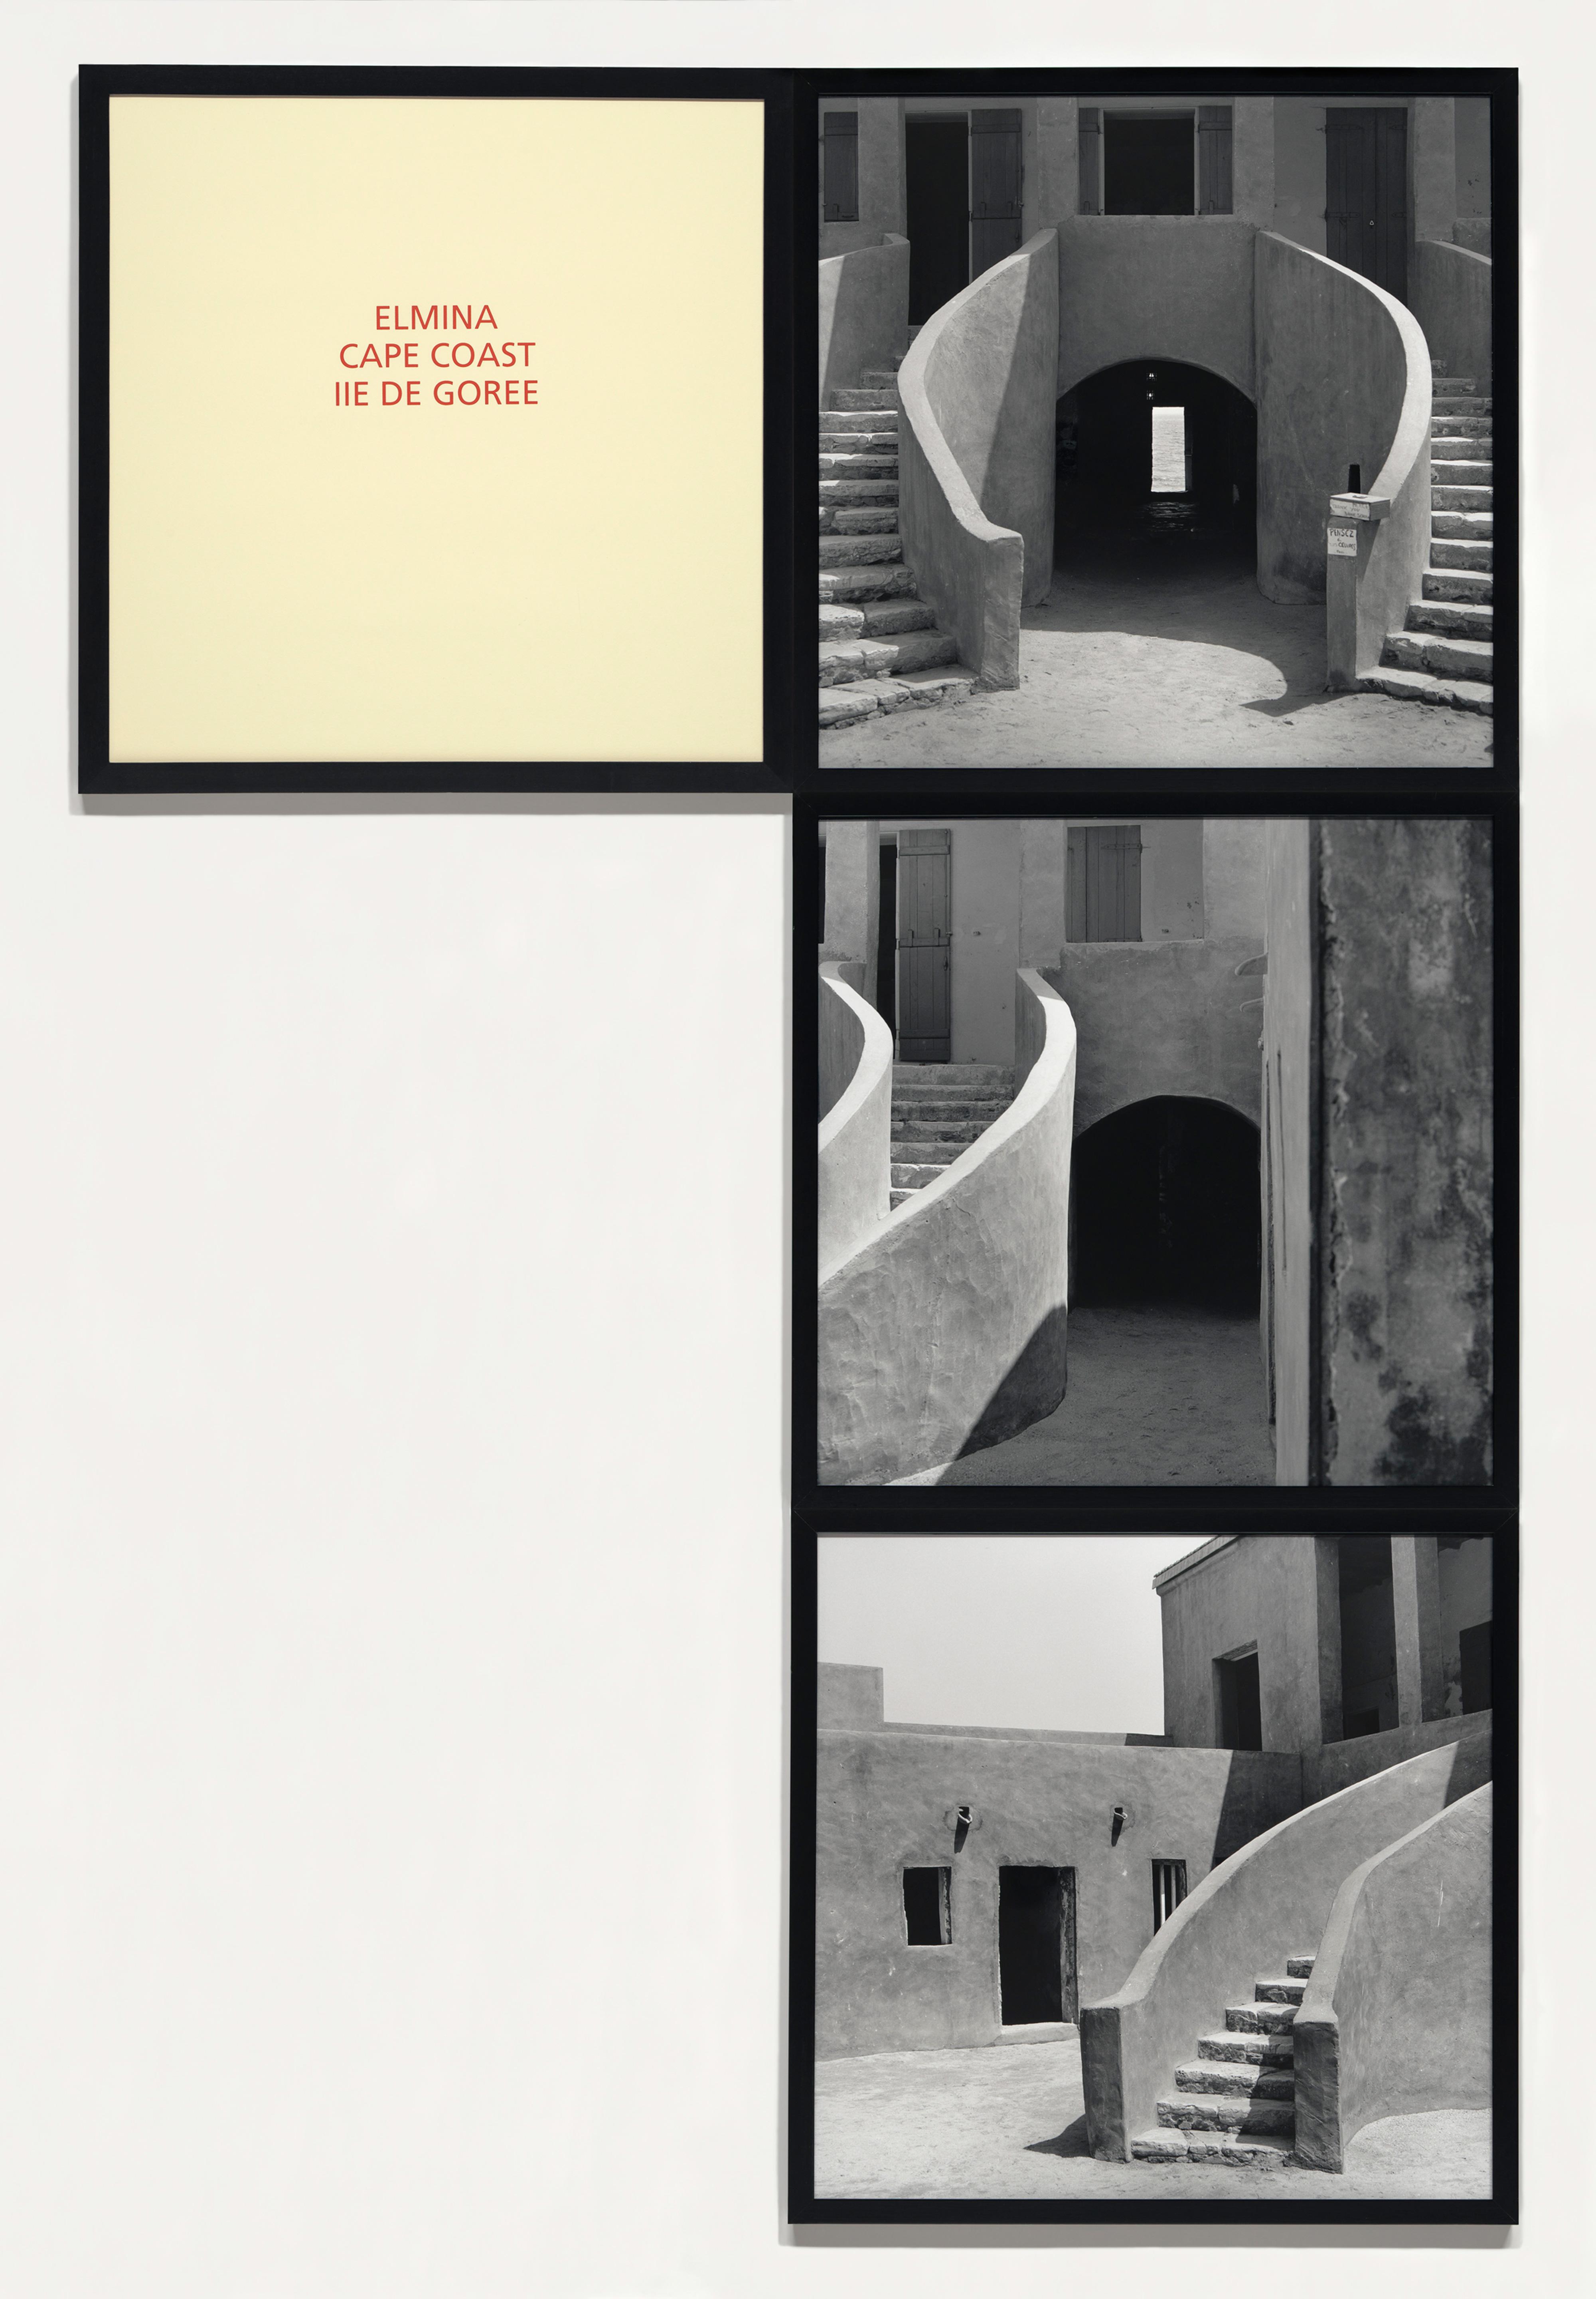 Galerie Barbara Thumm \ Carrie Mae Weems: Elmina Cpe Coast, Ile de Gorée (CMW-93-008) \ Elmina Cpe Coast, Ile de Gorée (1993)